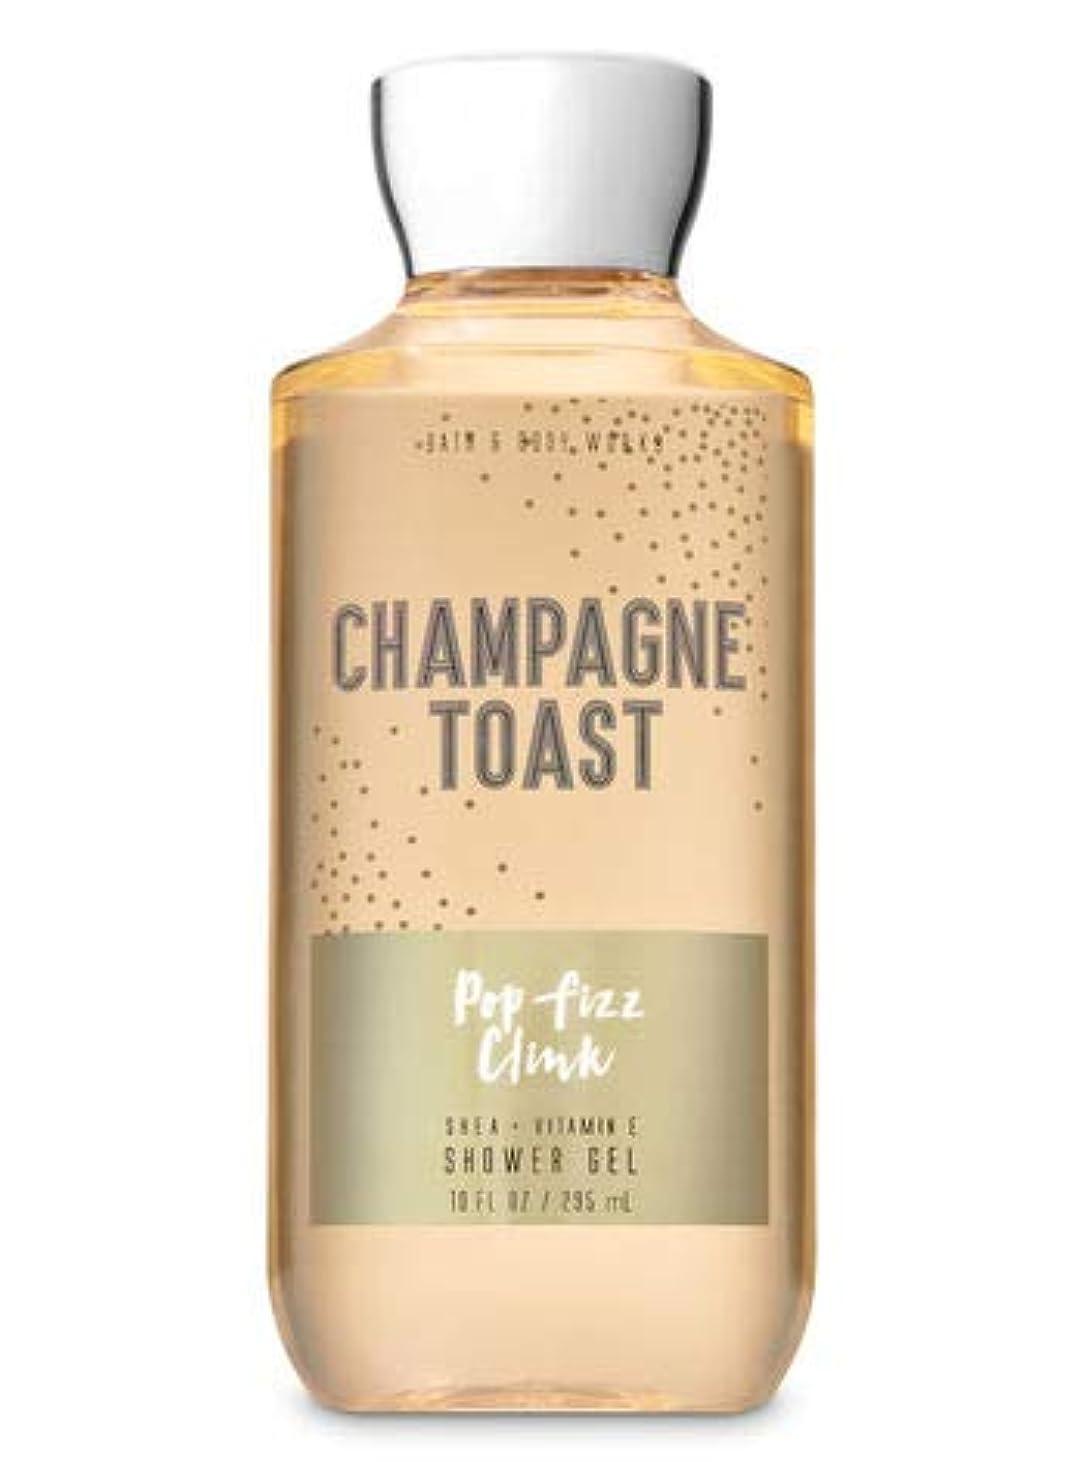 同化する公使館クリア【Bath&Body Works/バス&ボディワークス】 シャワージェル シャンパントースト Shower Gel Champagne Toast 10 fl oz / 295 mL [並行輸入品]